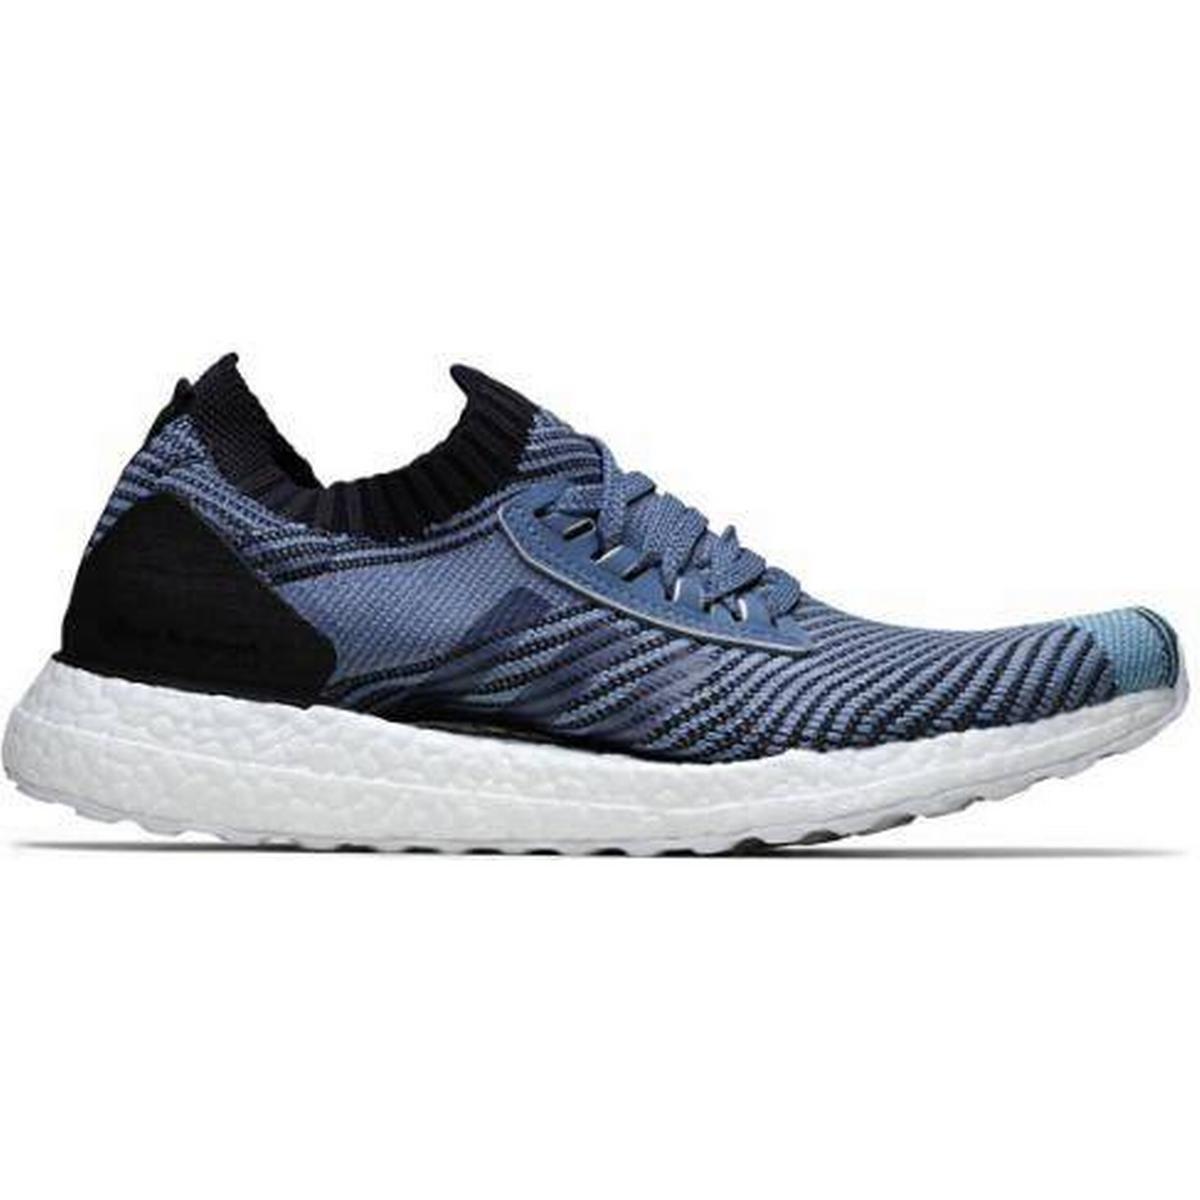 Adidas ultra boost • Find den billigste pris hos PriceRunner